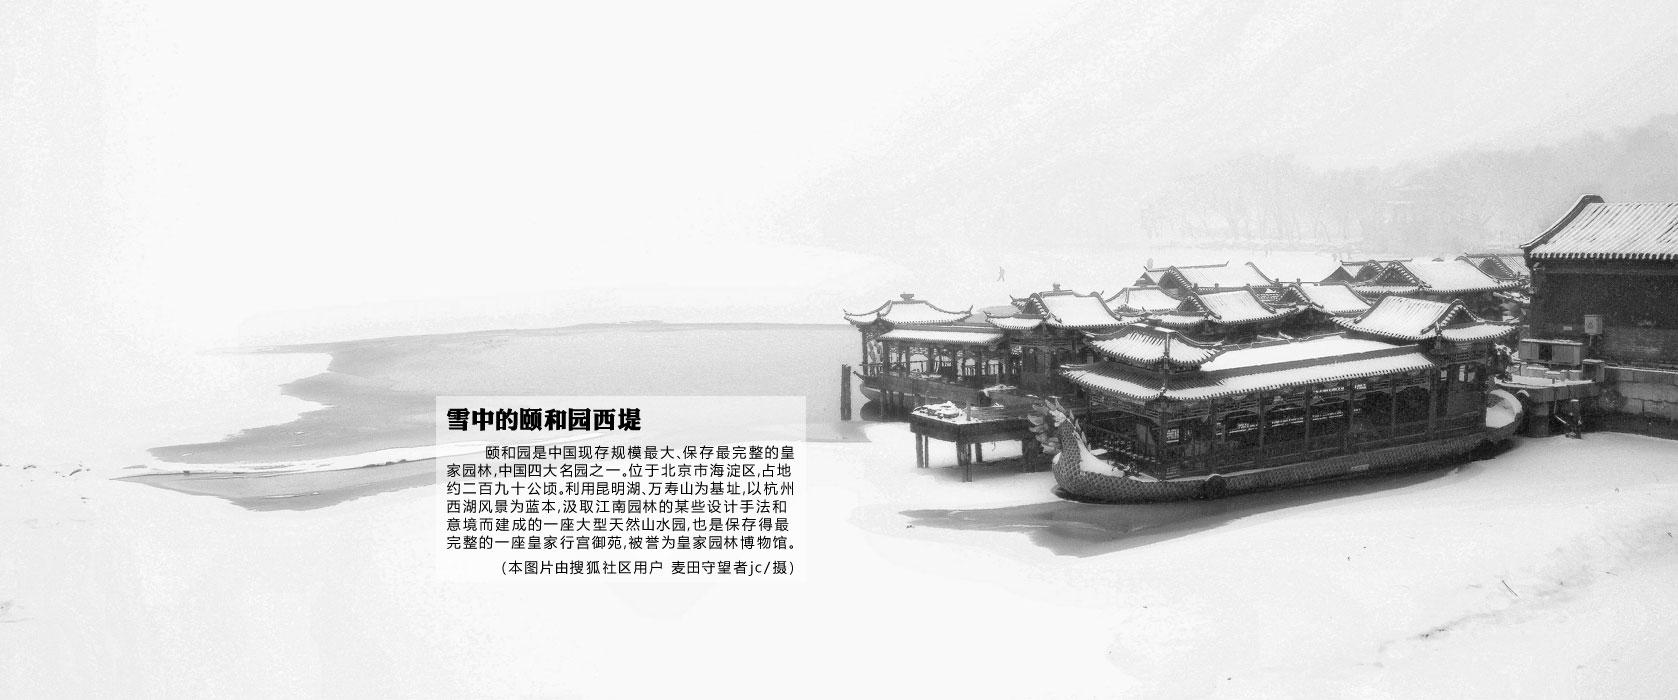 触摸雪后颐和园 赏大气之景